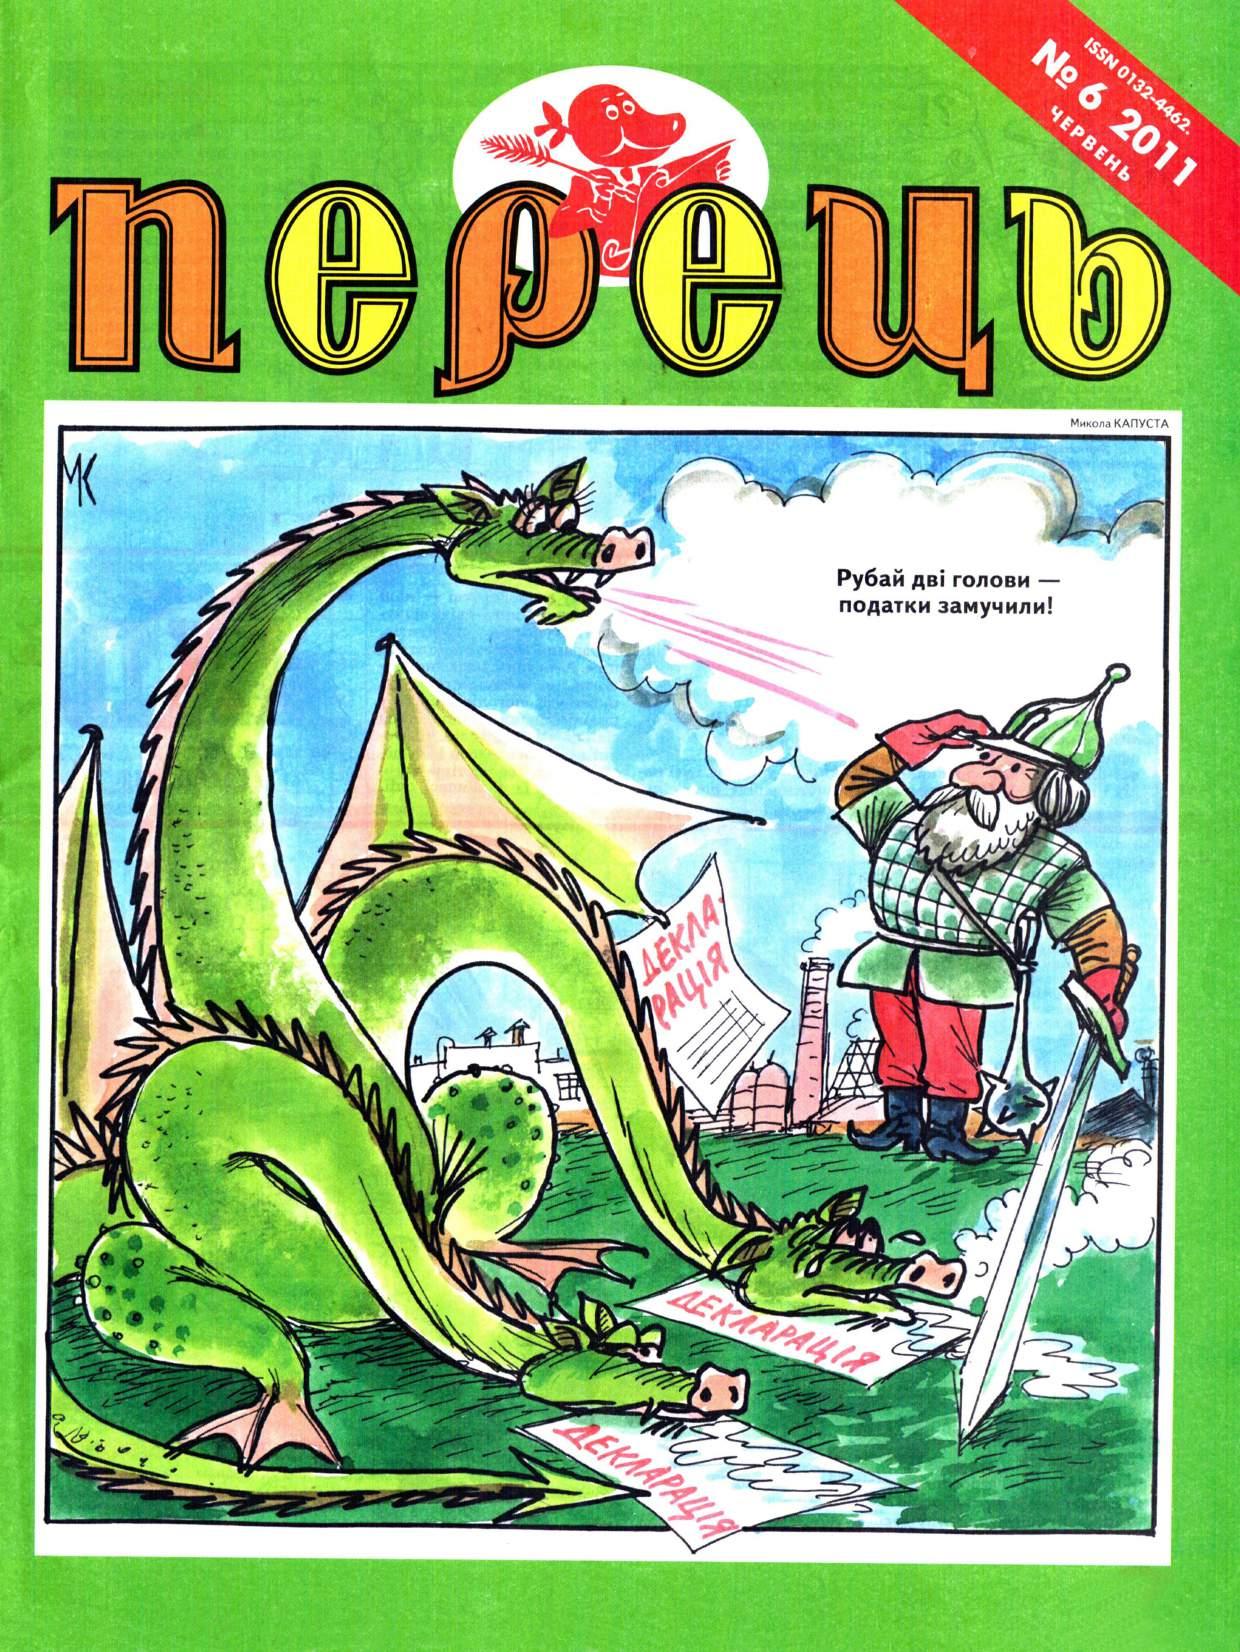 Журнал перець 2011 №06